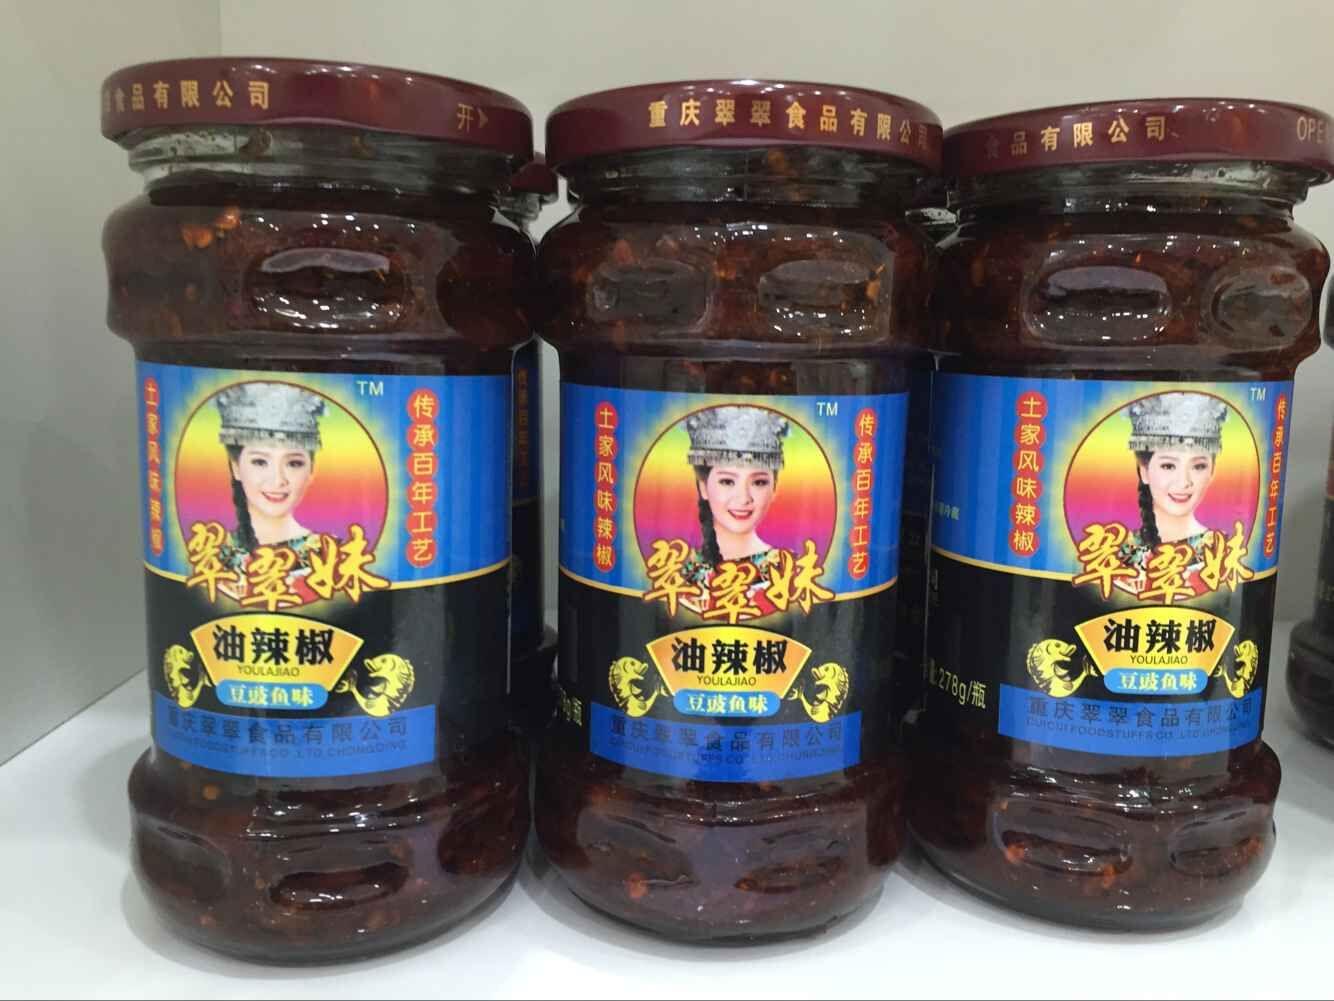 秀山农特产翠翠妹 油辣椒 278g豆豉鱼味